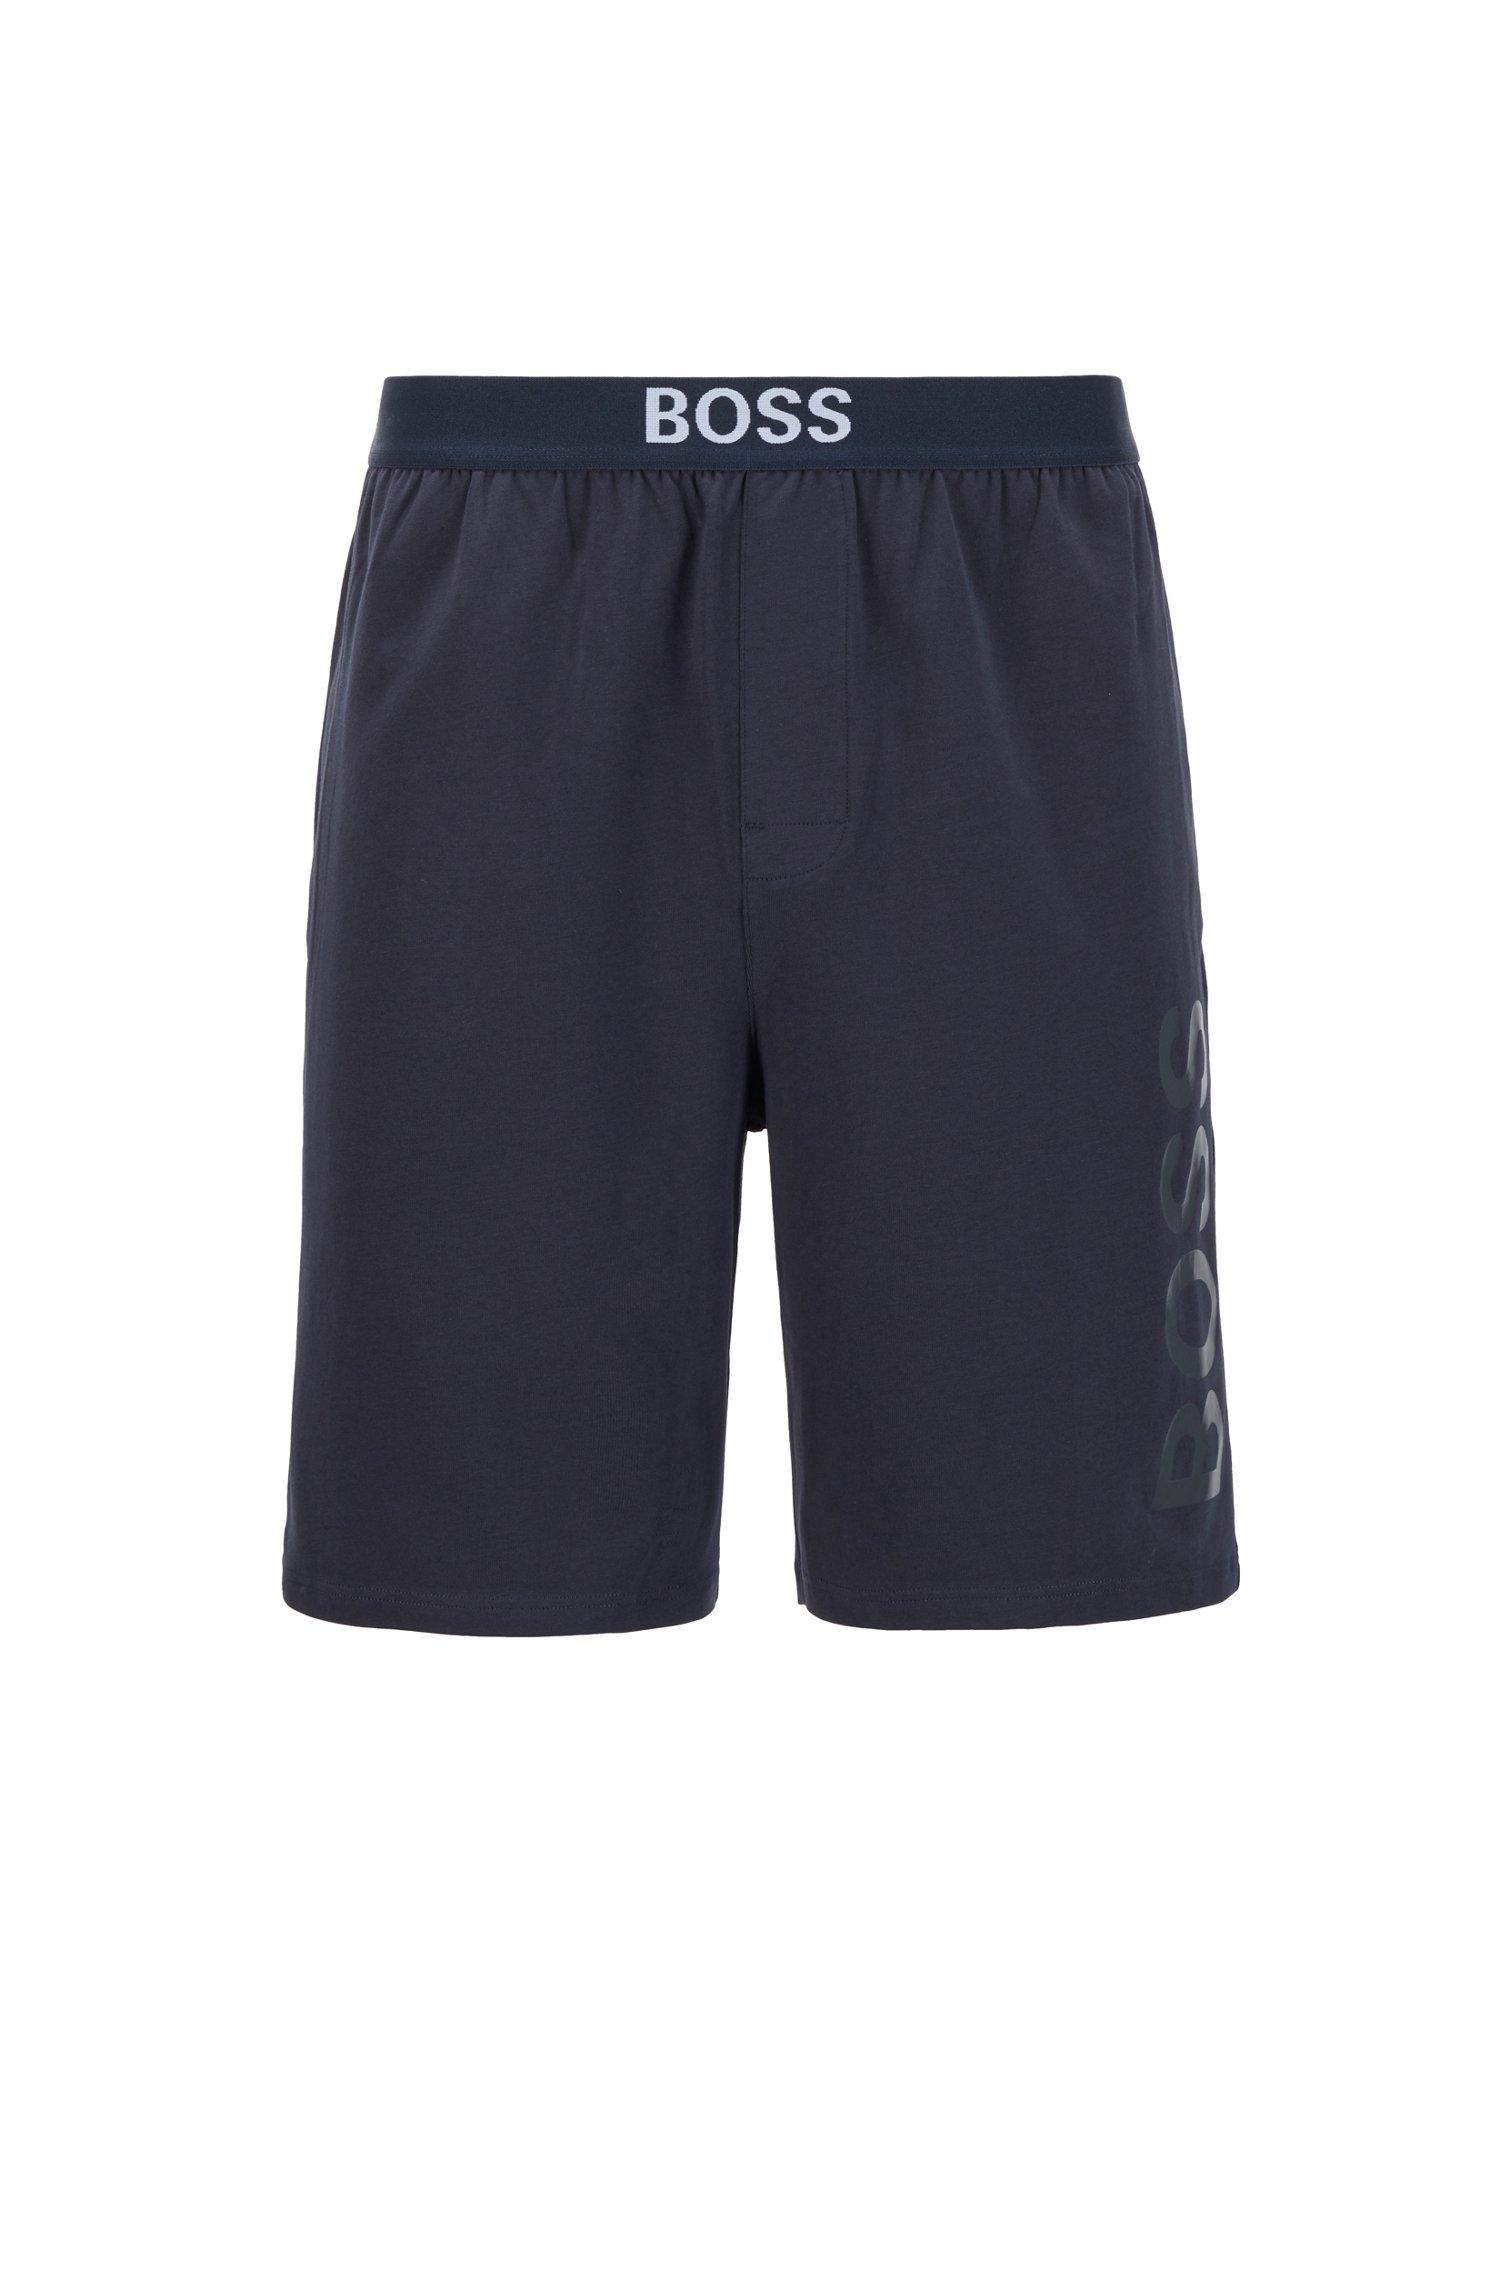 Pyjama-Shorts aus elastischem Baumwoll-Jersey mit Logo-Print, Dunkelblau